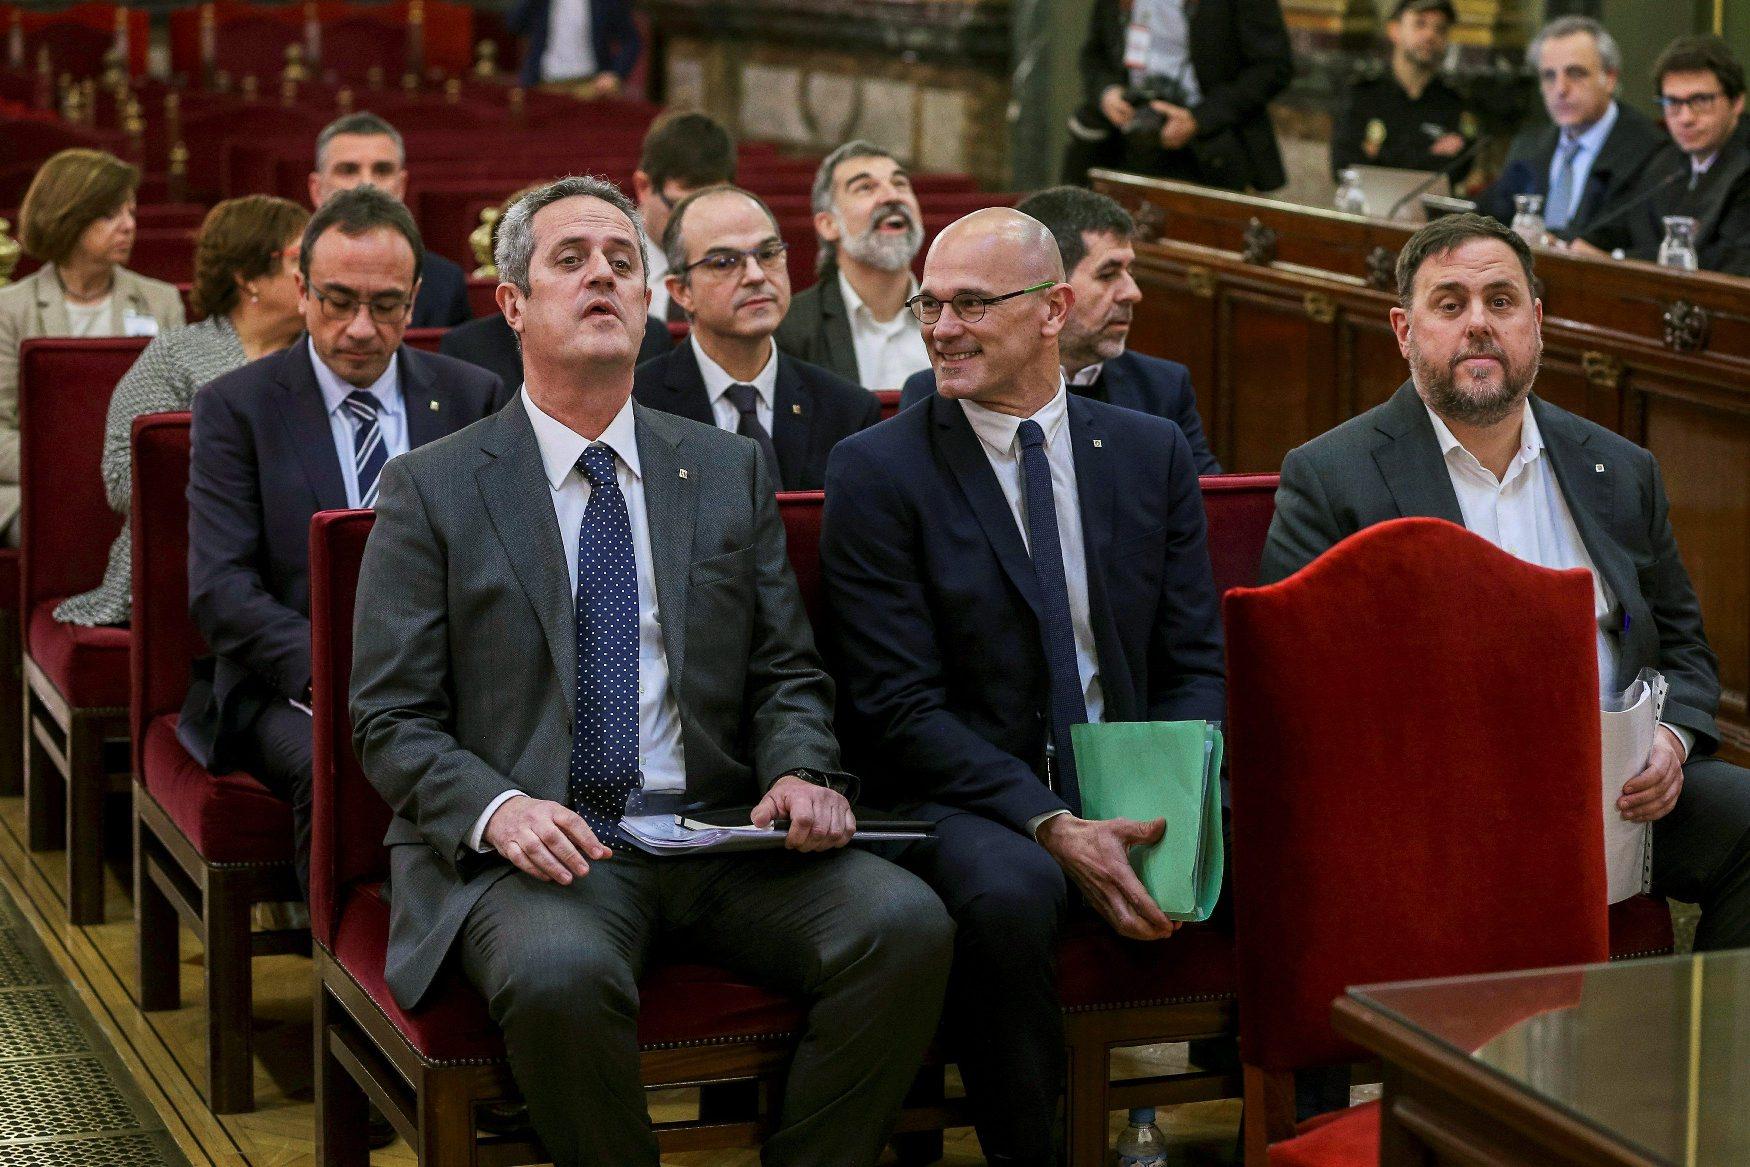 2019-02-12T102912Z_1213891913_RC161C2E3450_RTRMADP_3_SPAIN-POLITICS-CATALONIA